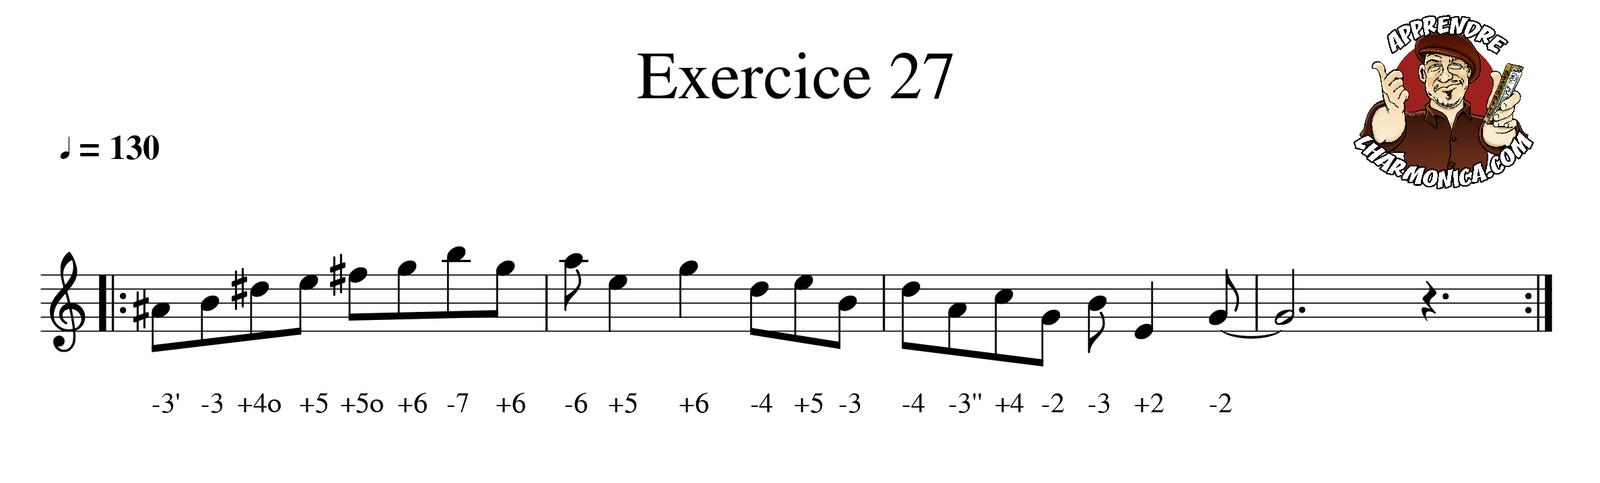 Exercice 27 - Harmonica C